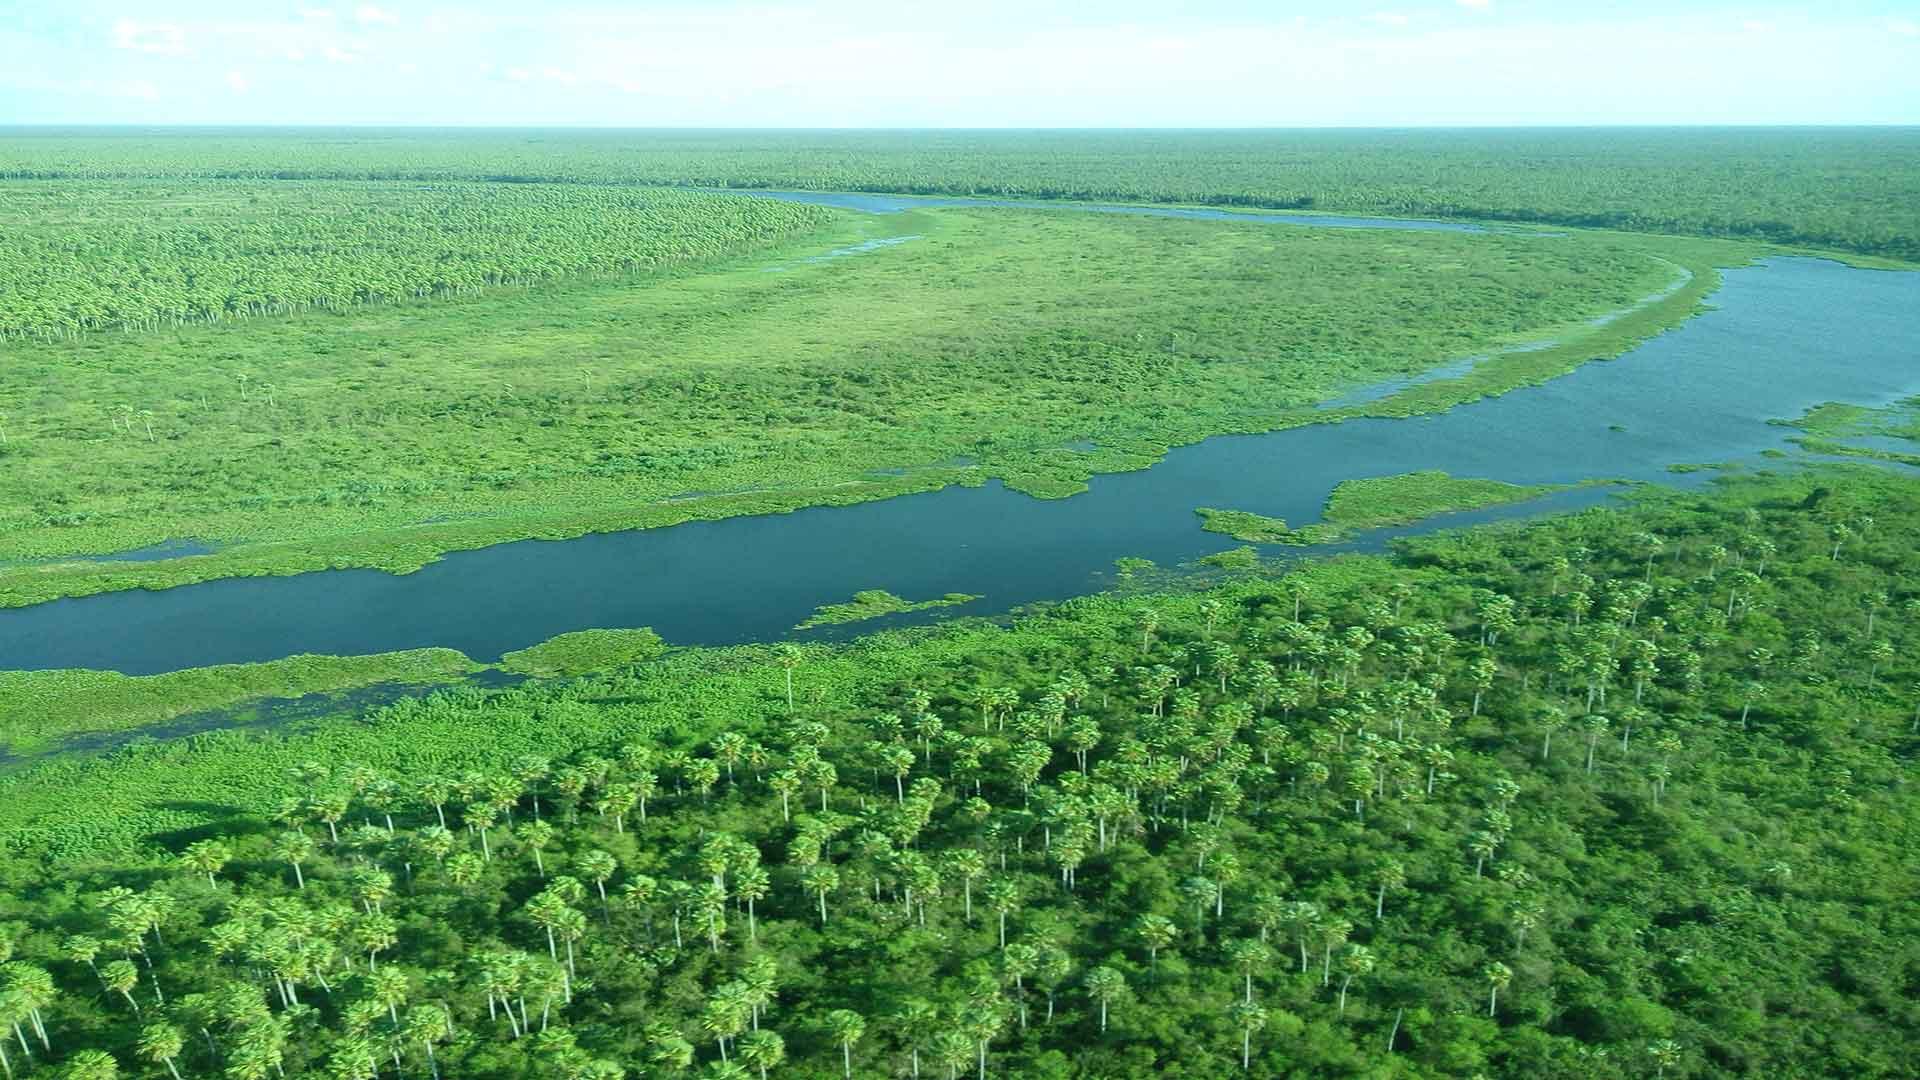 Das Pantanal ist eines der wichtigsten und größten Feuchtsavannen der Erde. © WWF / Ilka Petersen